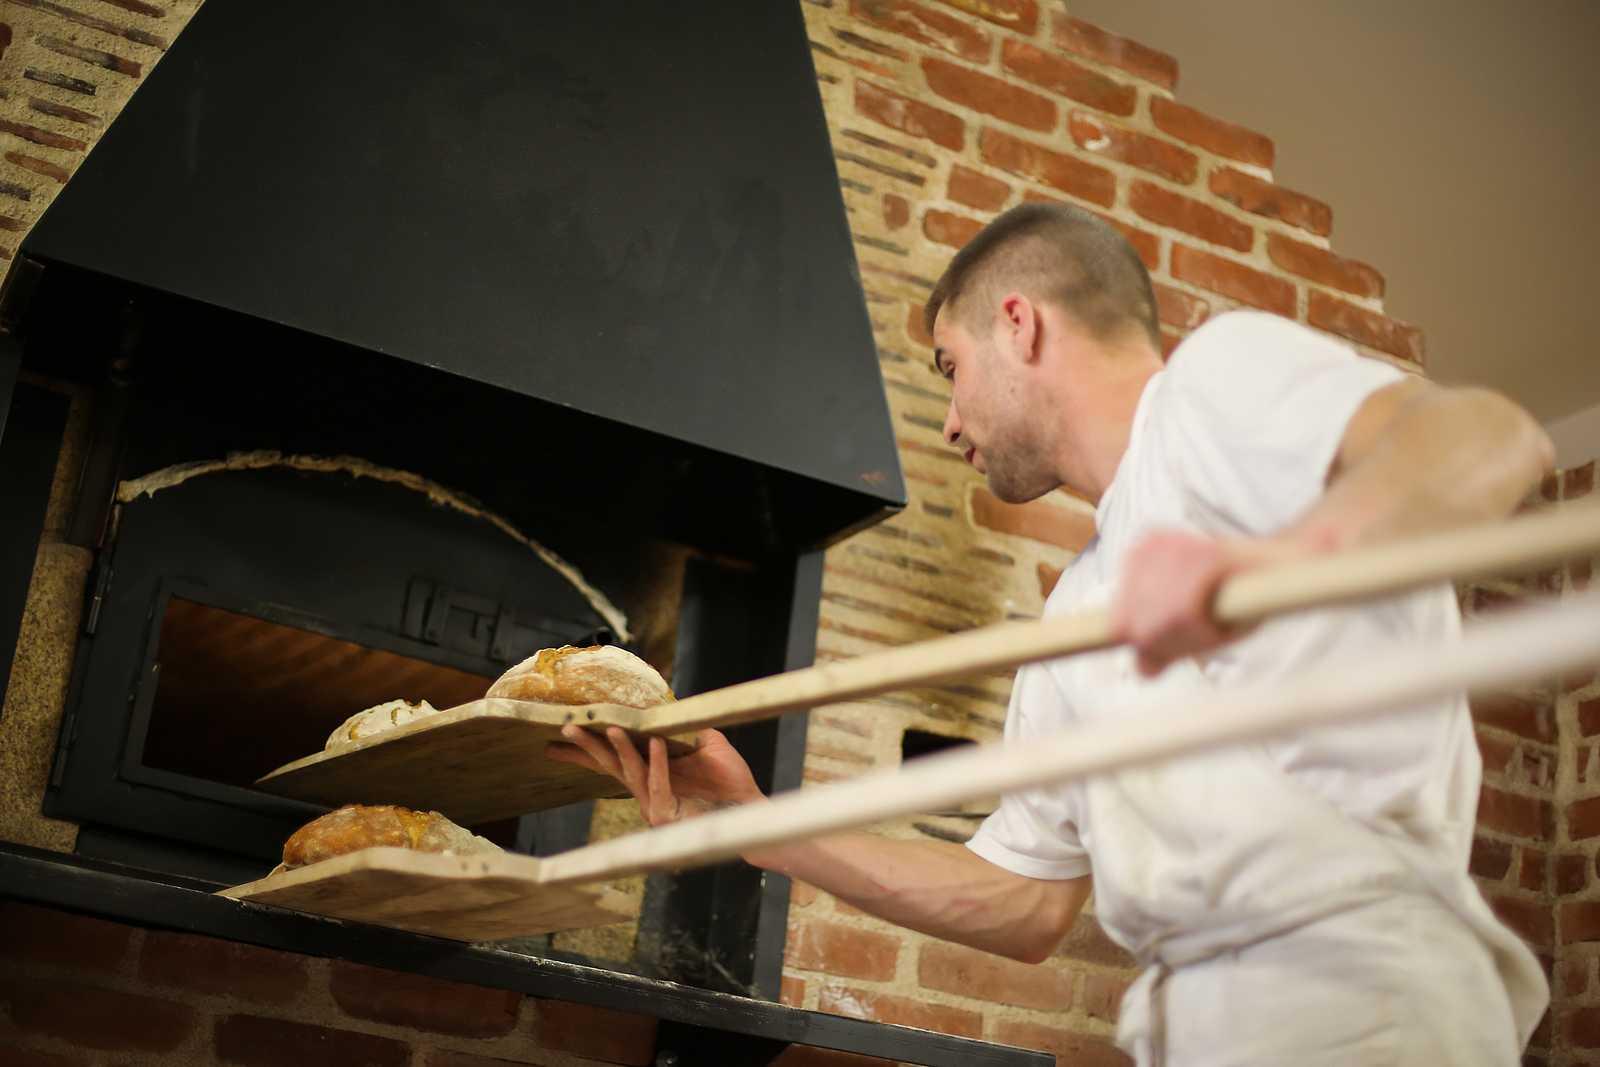 Un boulanger de chez Turlupain sort du fort des pains bio